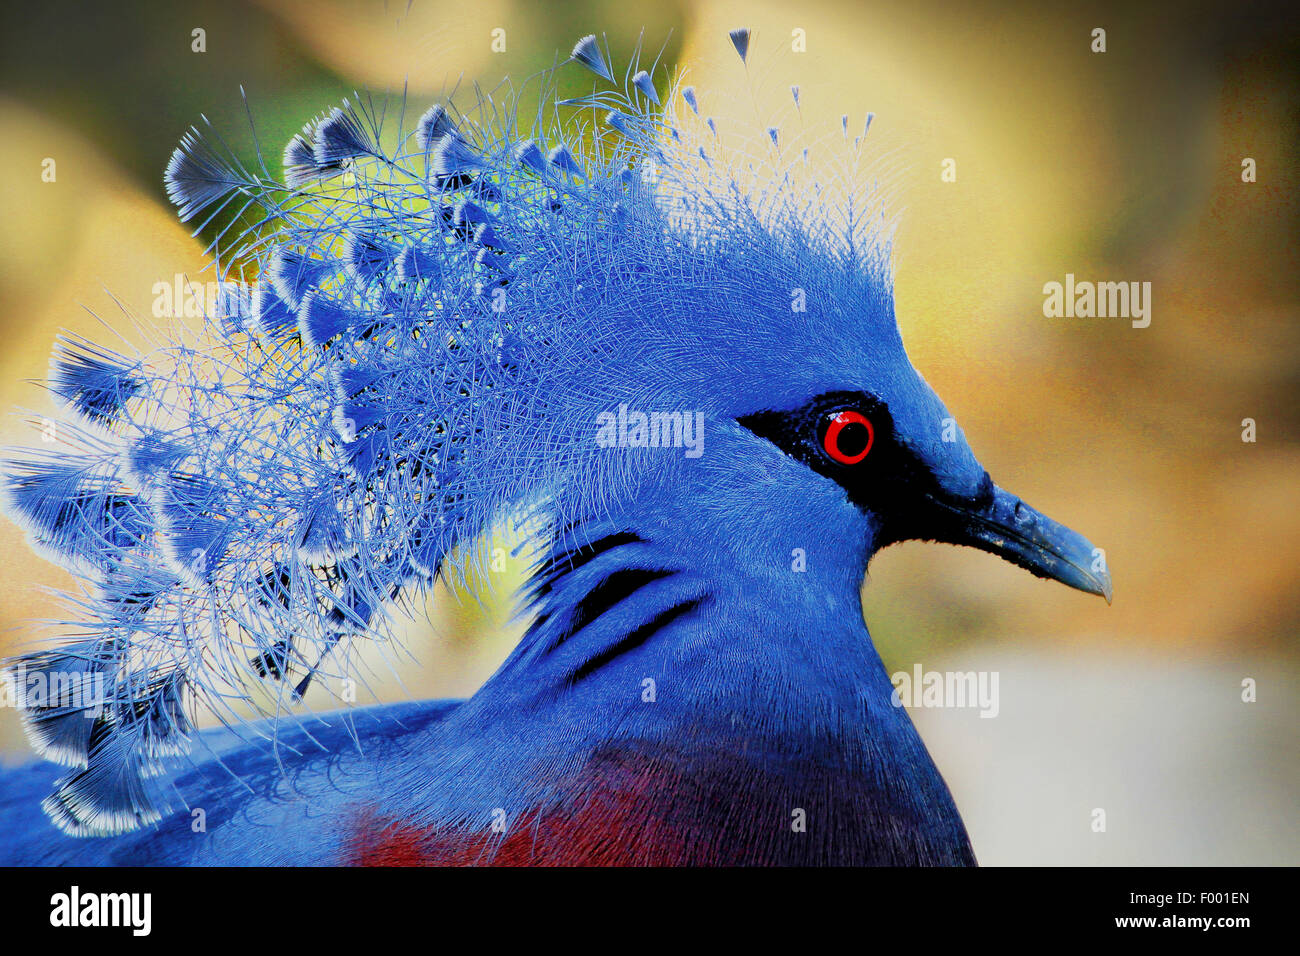 Victoria incoronato piccione (Goura victoria), ritratto Immagini Stock